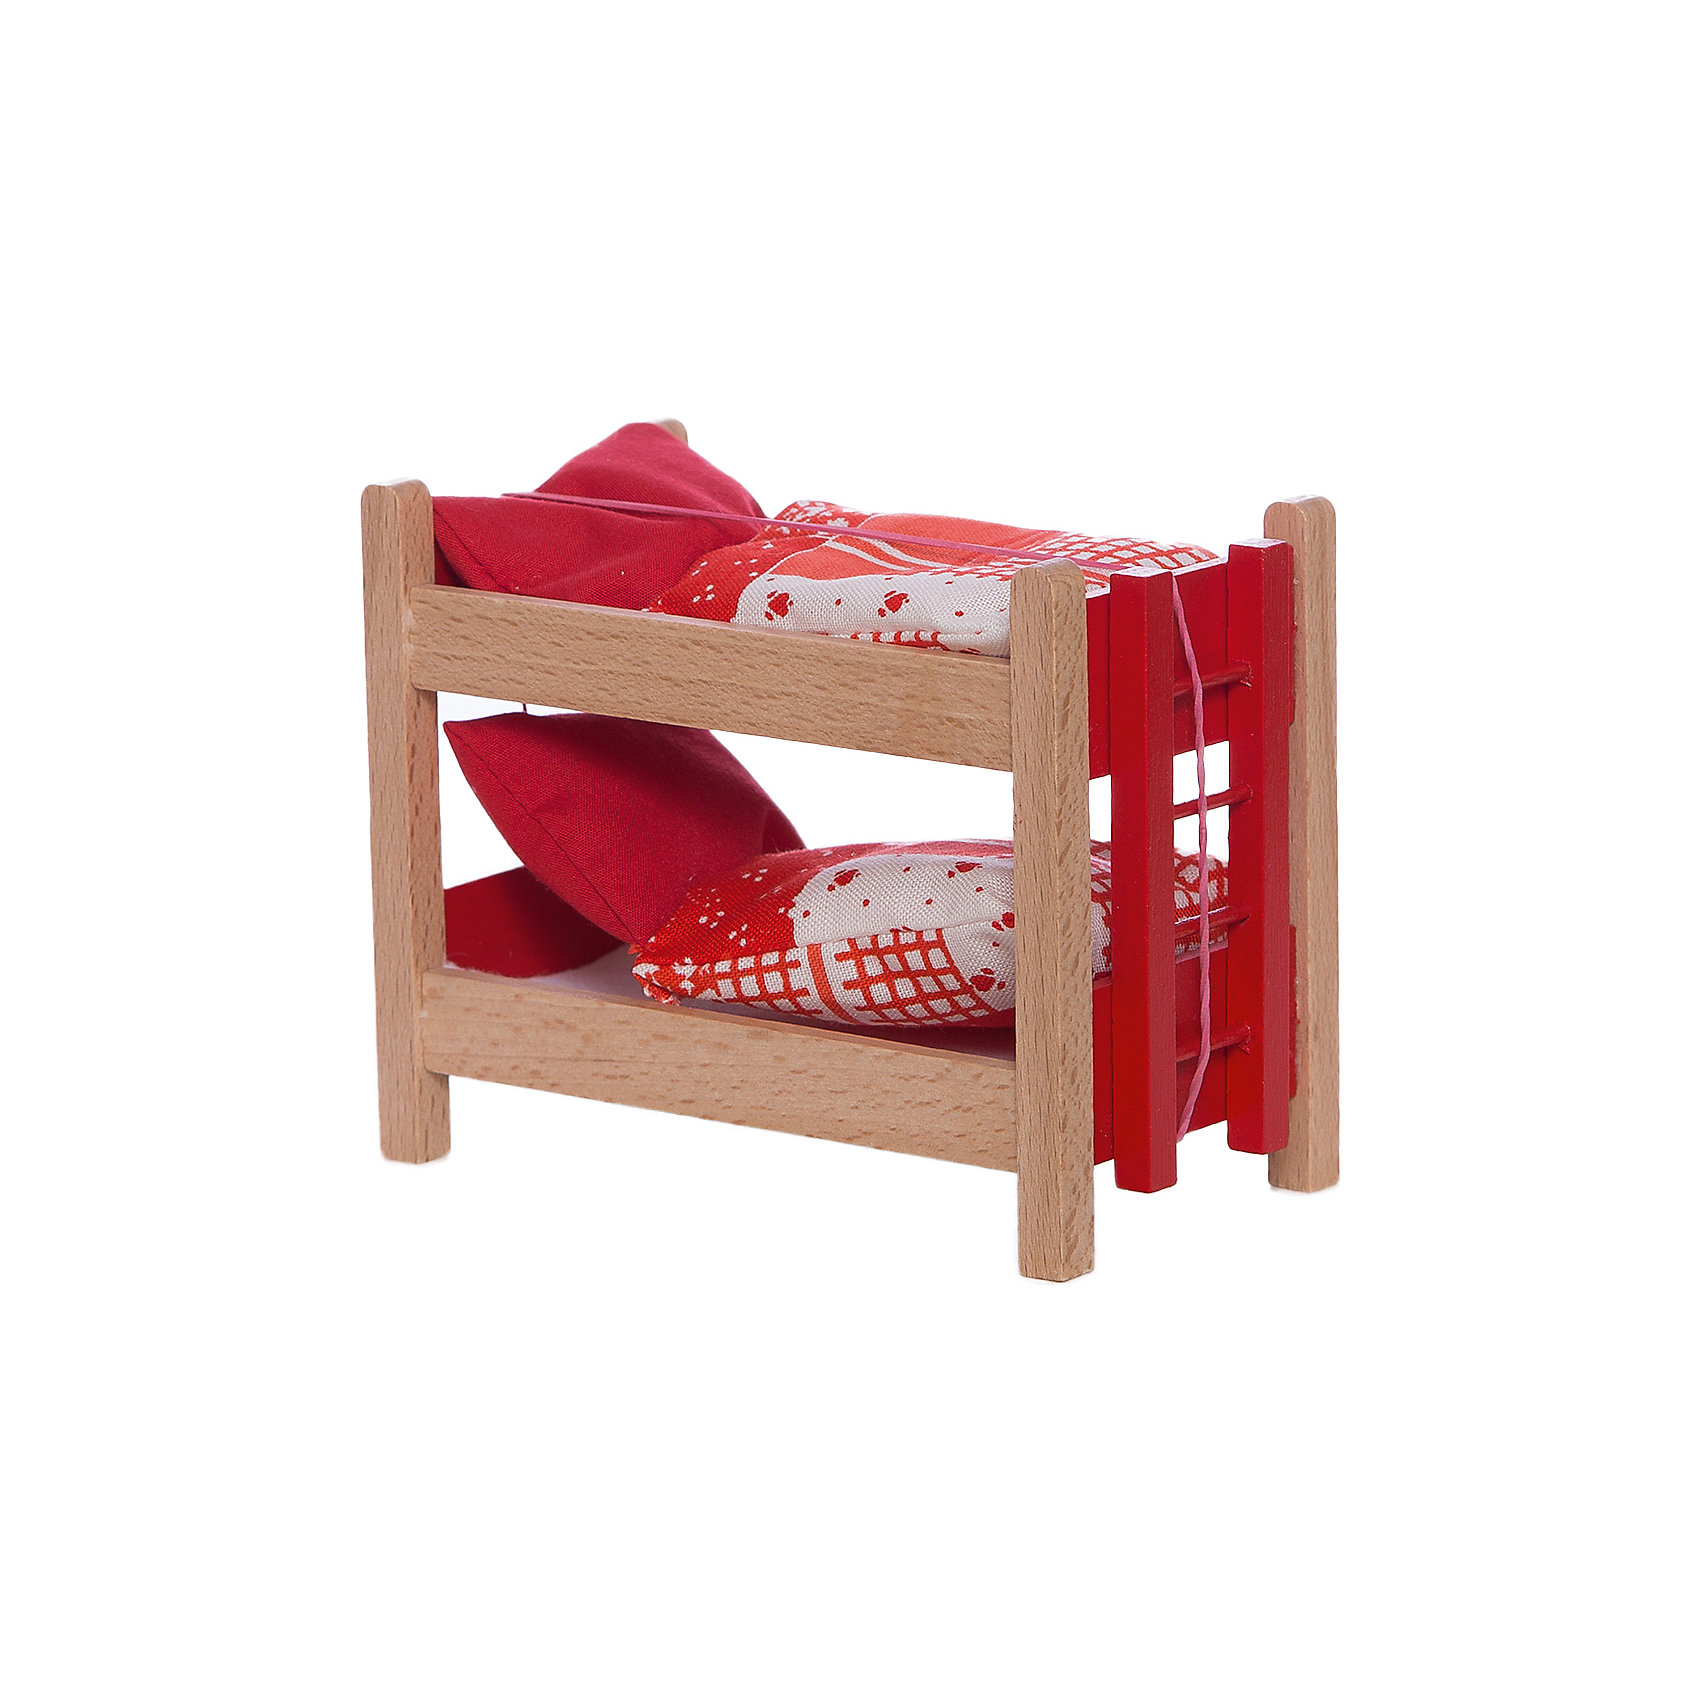 Кровать двухъярусная с аксессуарами для мини-кукол